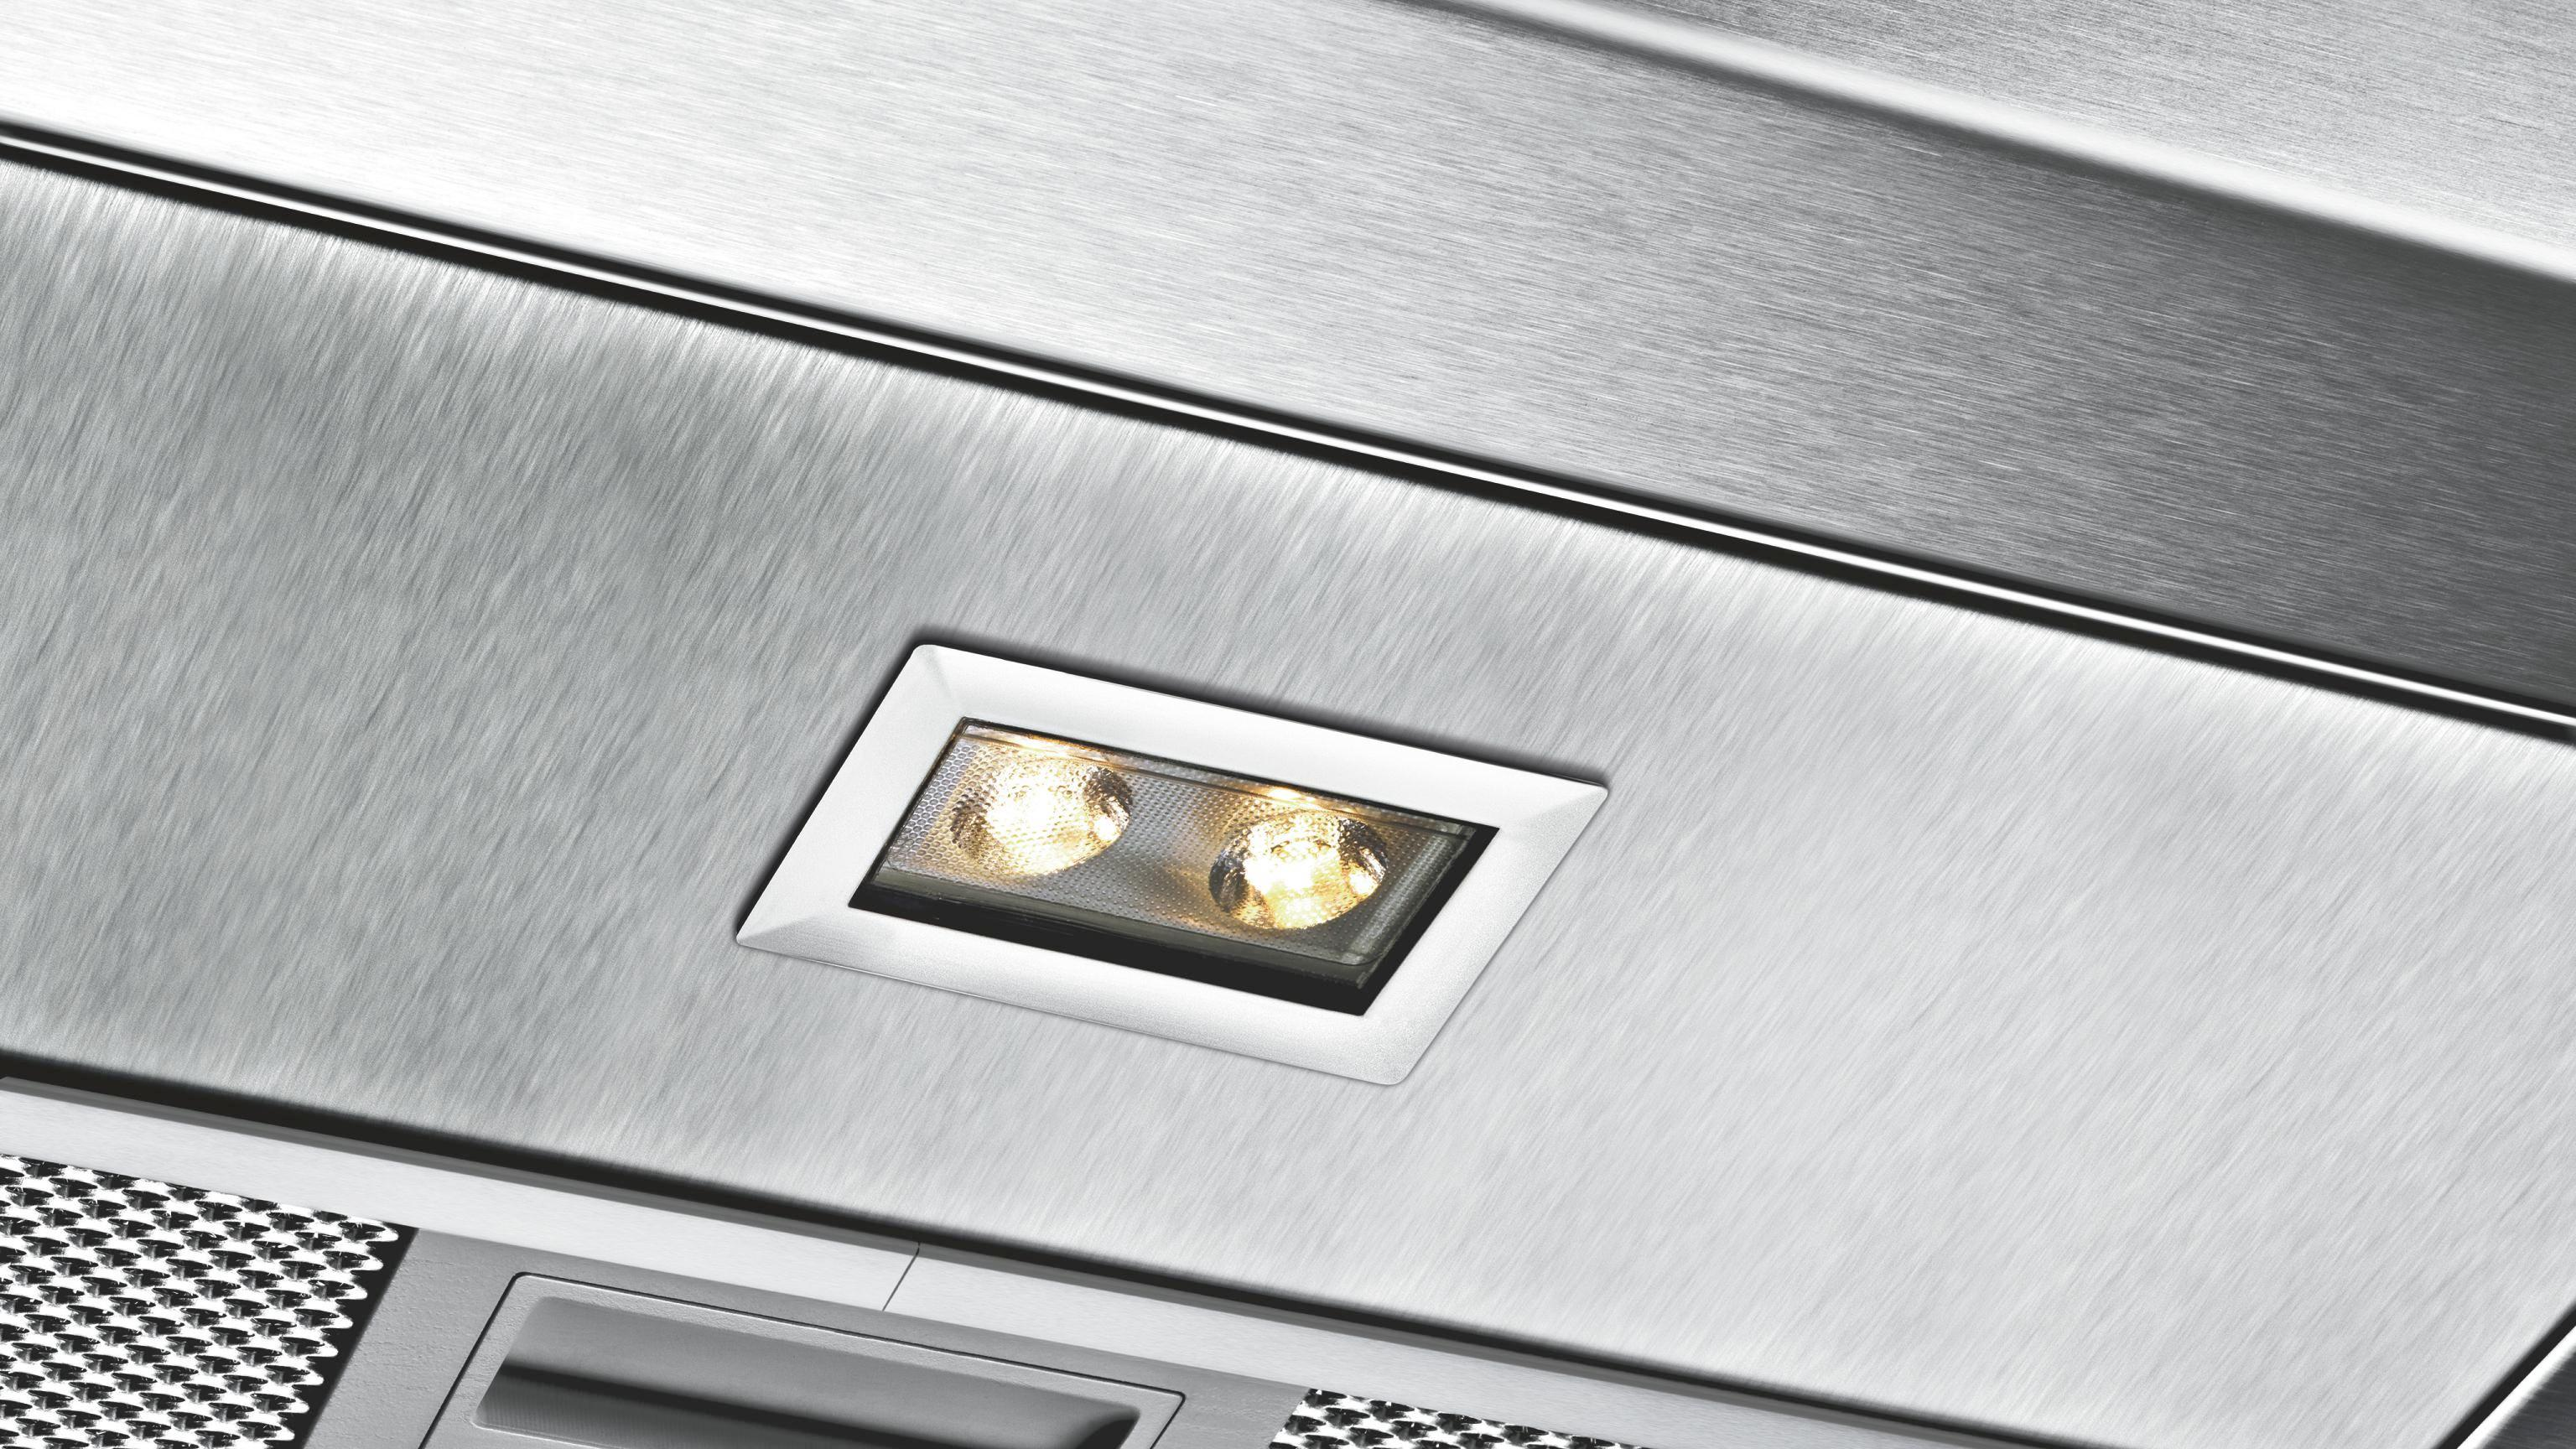 Dunstabzugshaube Bosch Dib097a50, EEZ A+ - ROMANTIK / LANDHAUS, Metall (90/74,4-104,4/60cm) - BOSCH